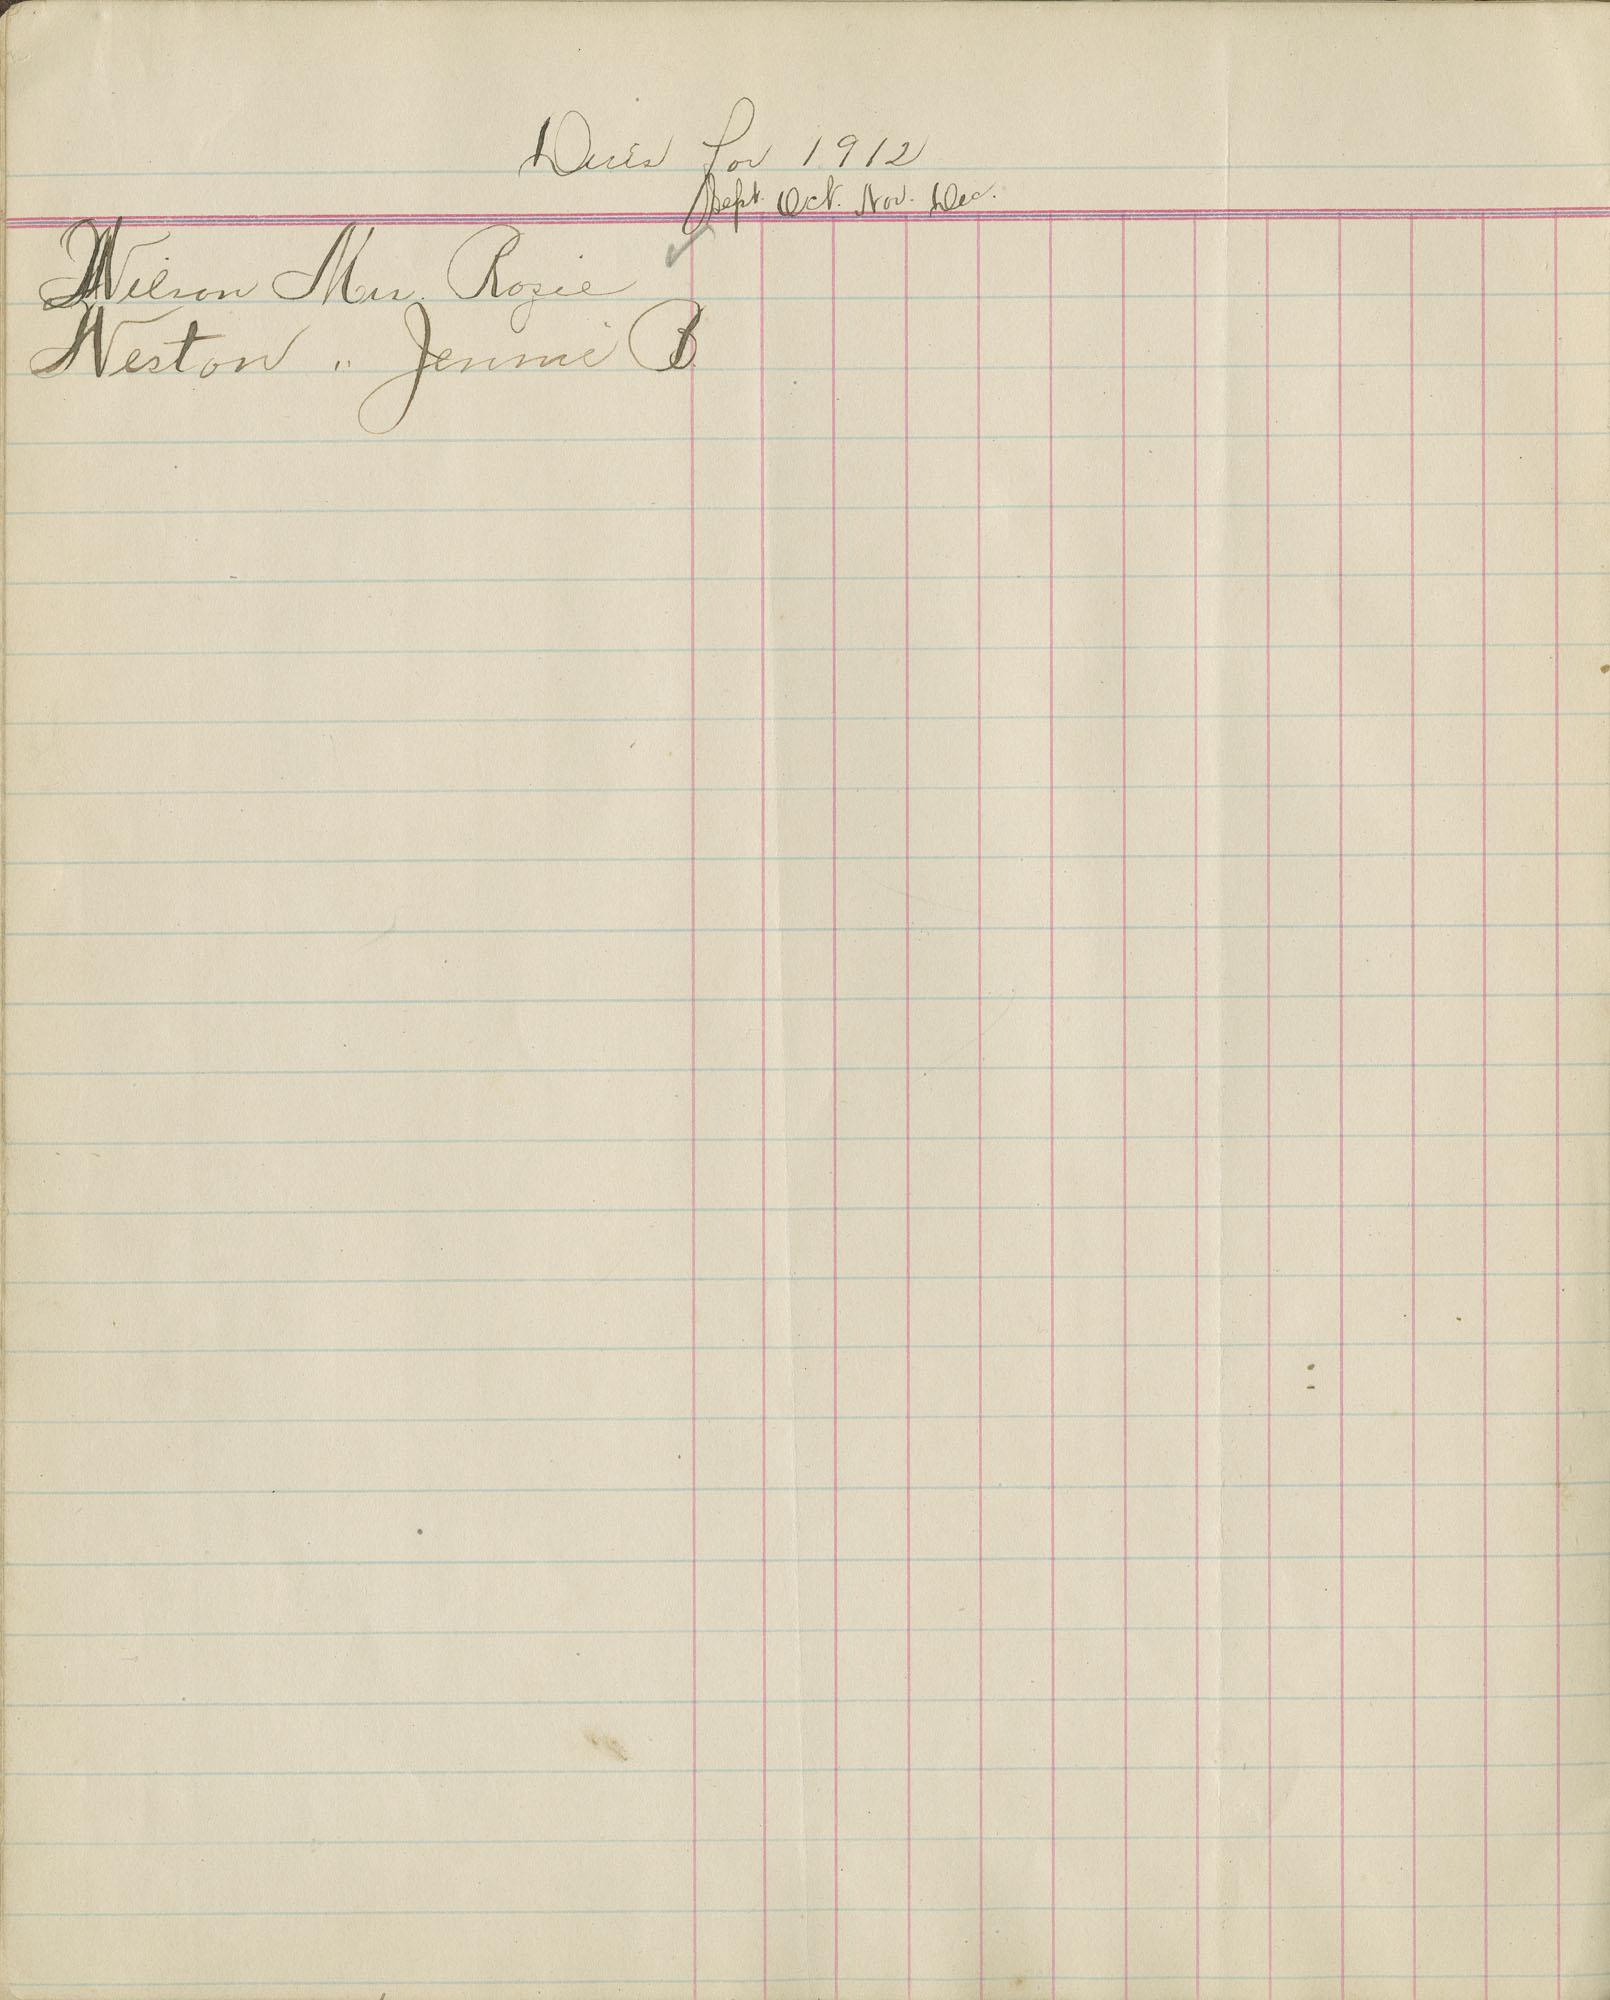 16. Page Fourteen, Arrear Book, September 1912-December 1912